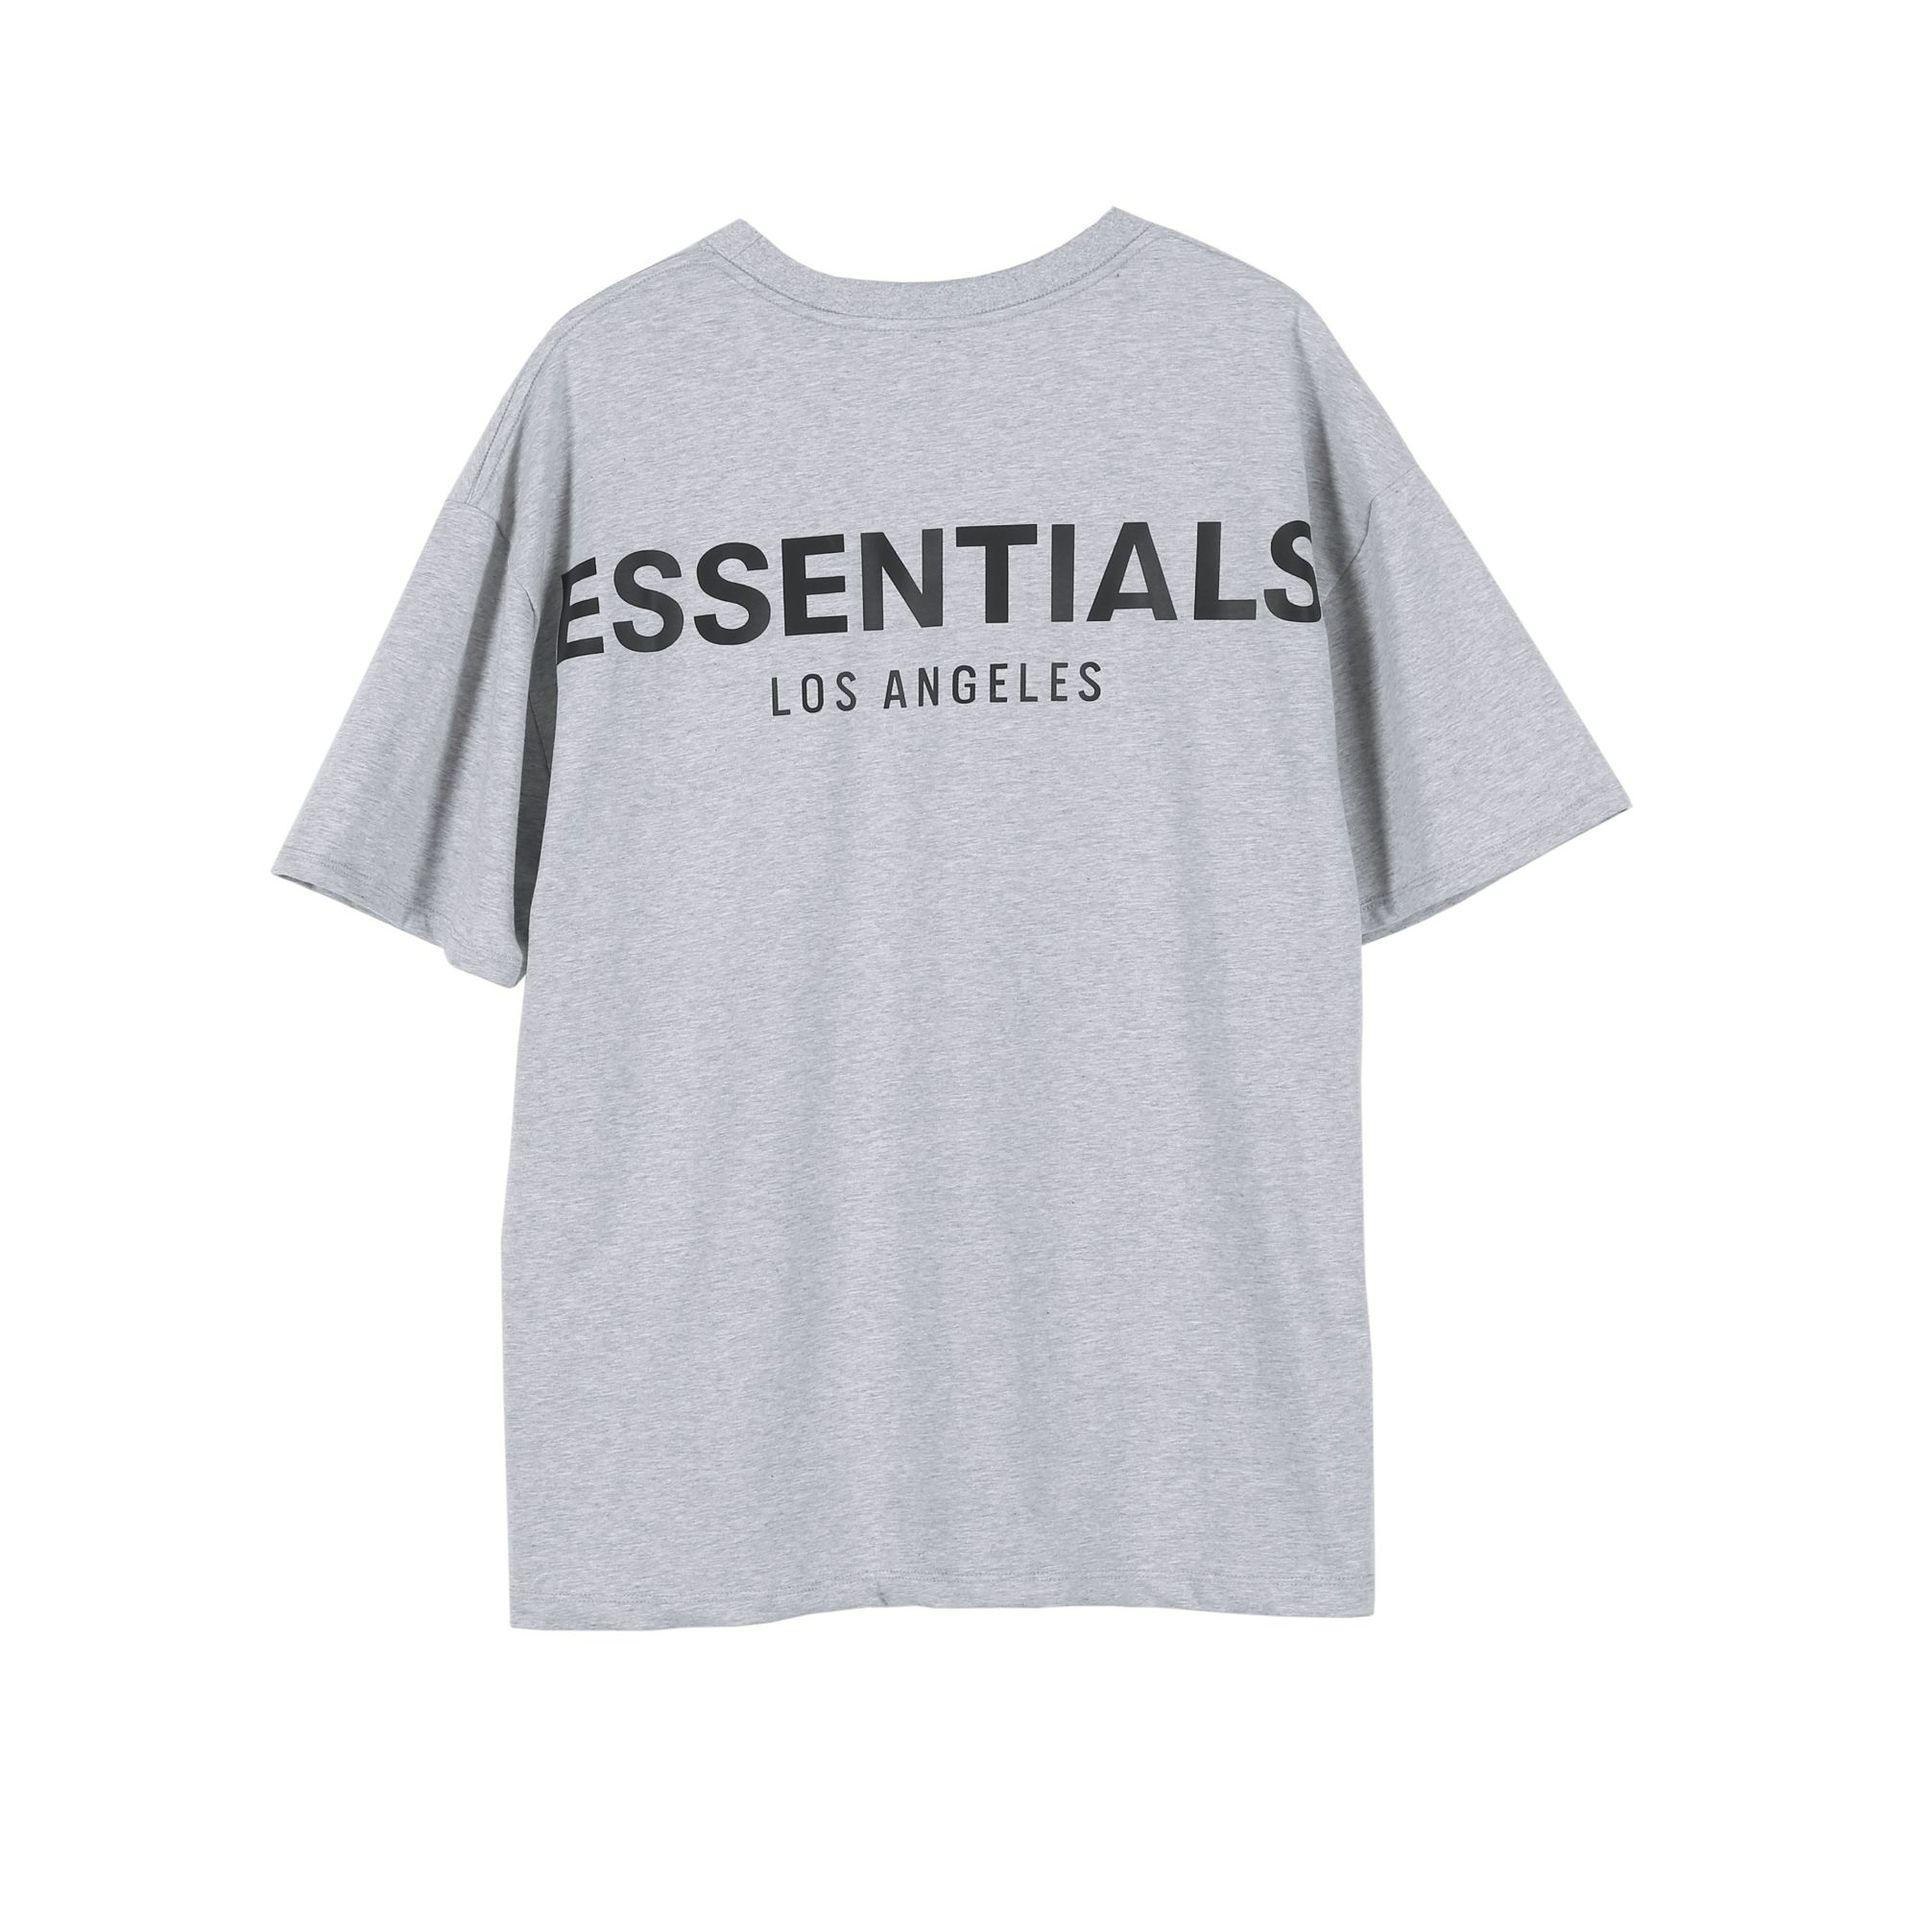 3 Renkler Asya Boyut S-XL ile Erkek Tişörtü Essentials Yansıtıcı Kısa Kollu Yuvarlak Yaka Moda Katı Tişörtü